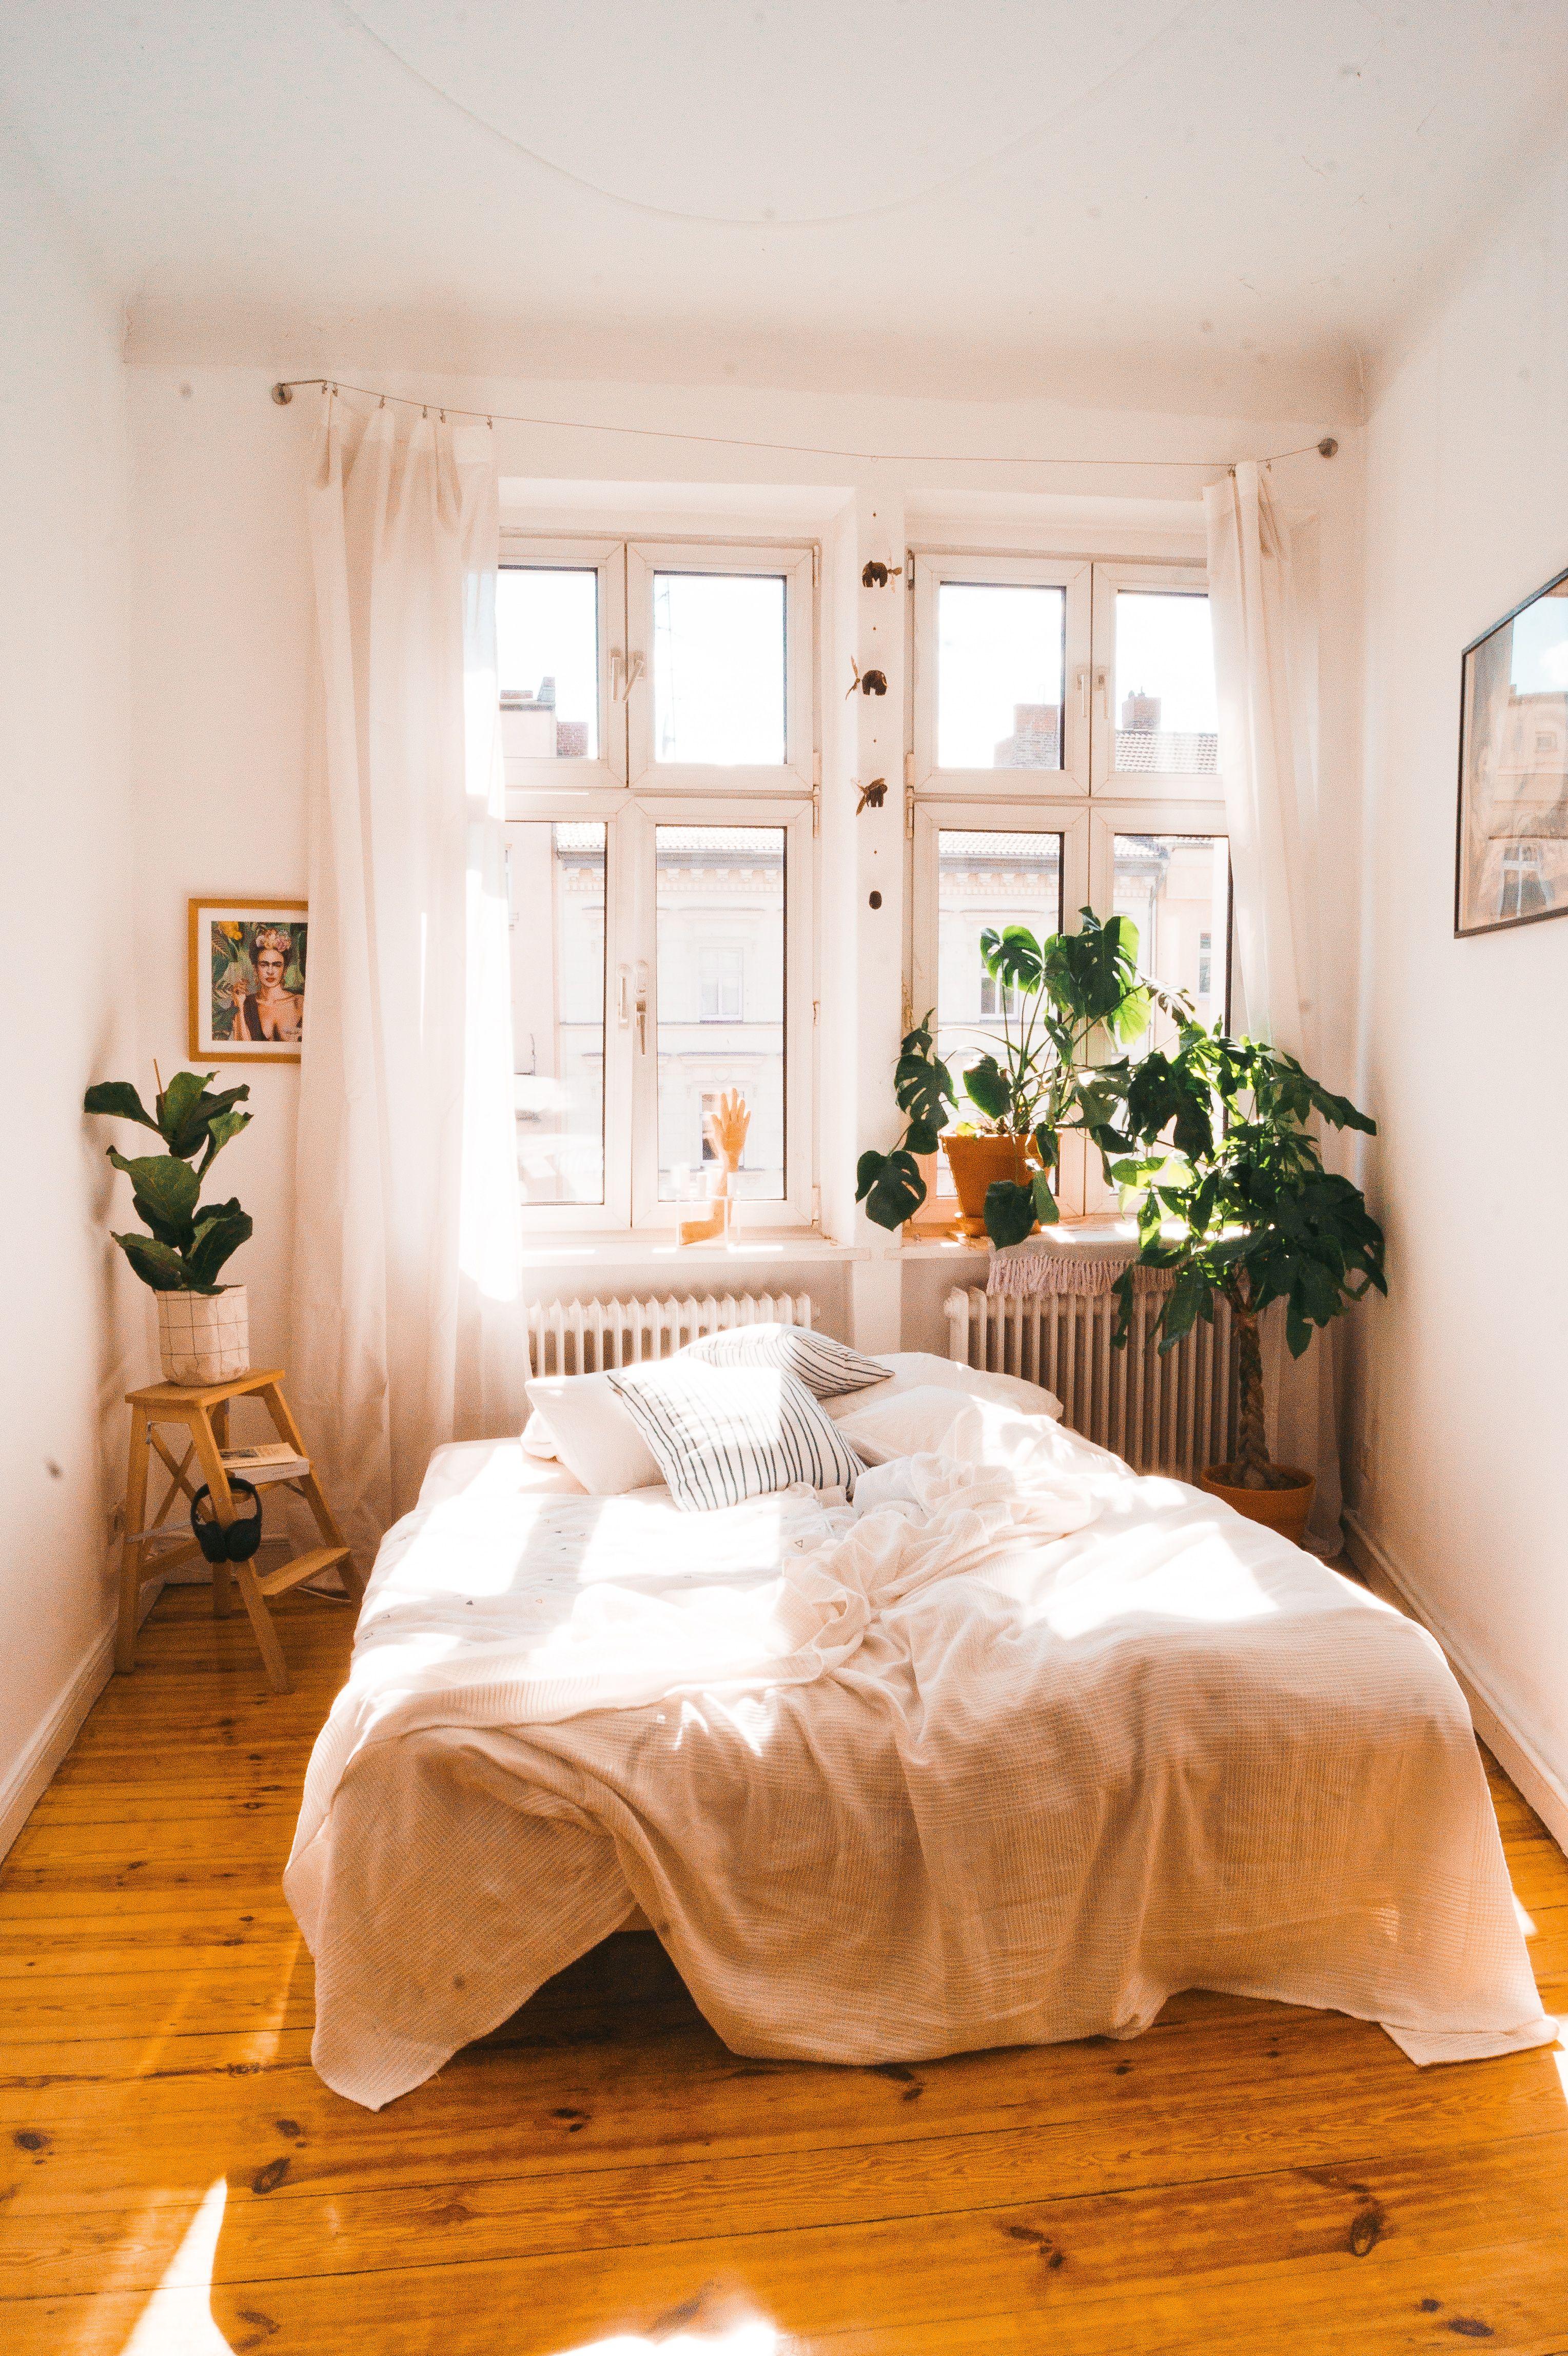 Deko Tipps Zum Wohlfuhl Wohnen Wohnen Zimmer Einrichten Schlafzimmer Einrichten